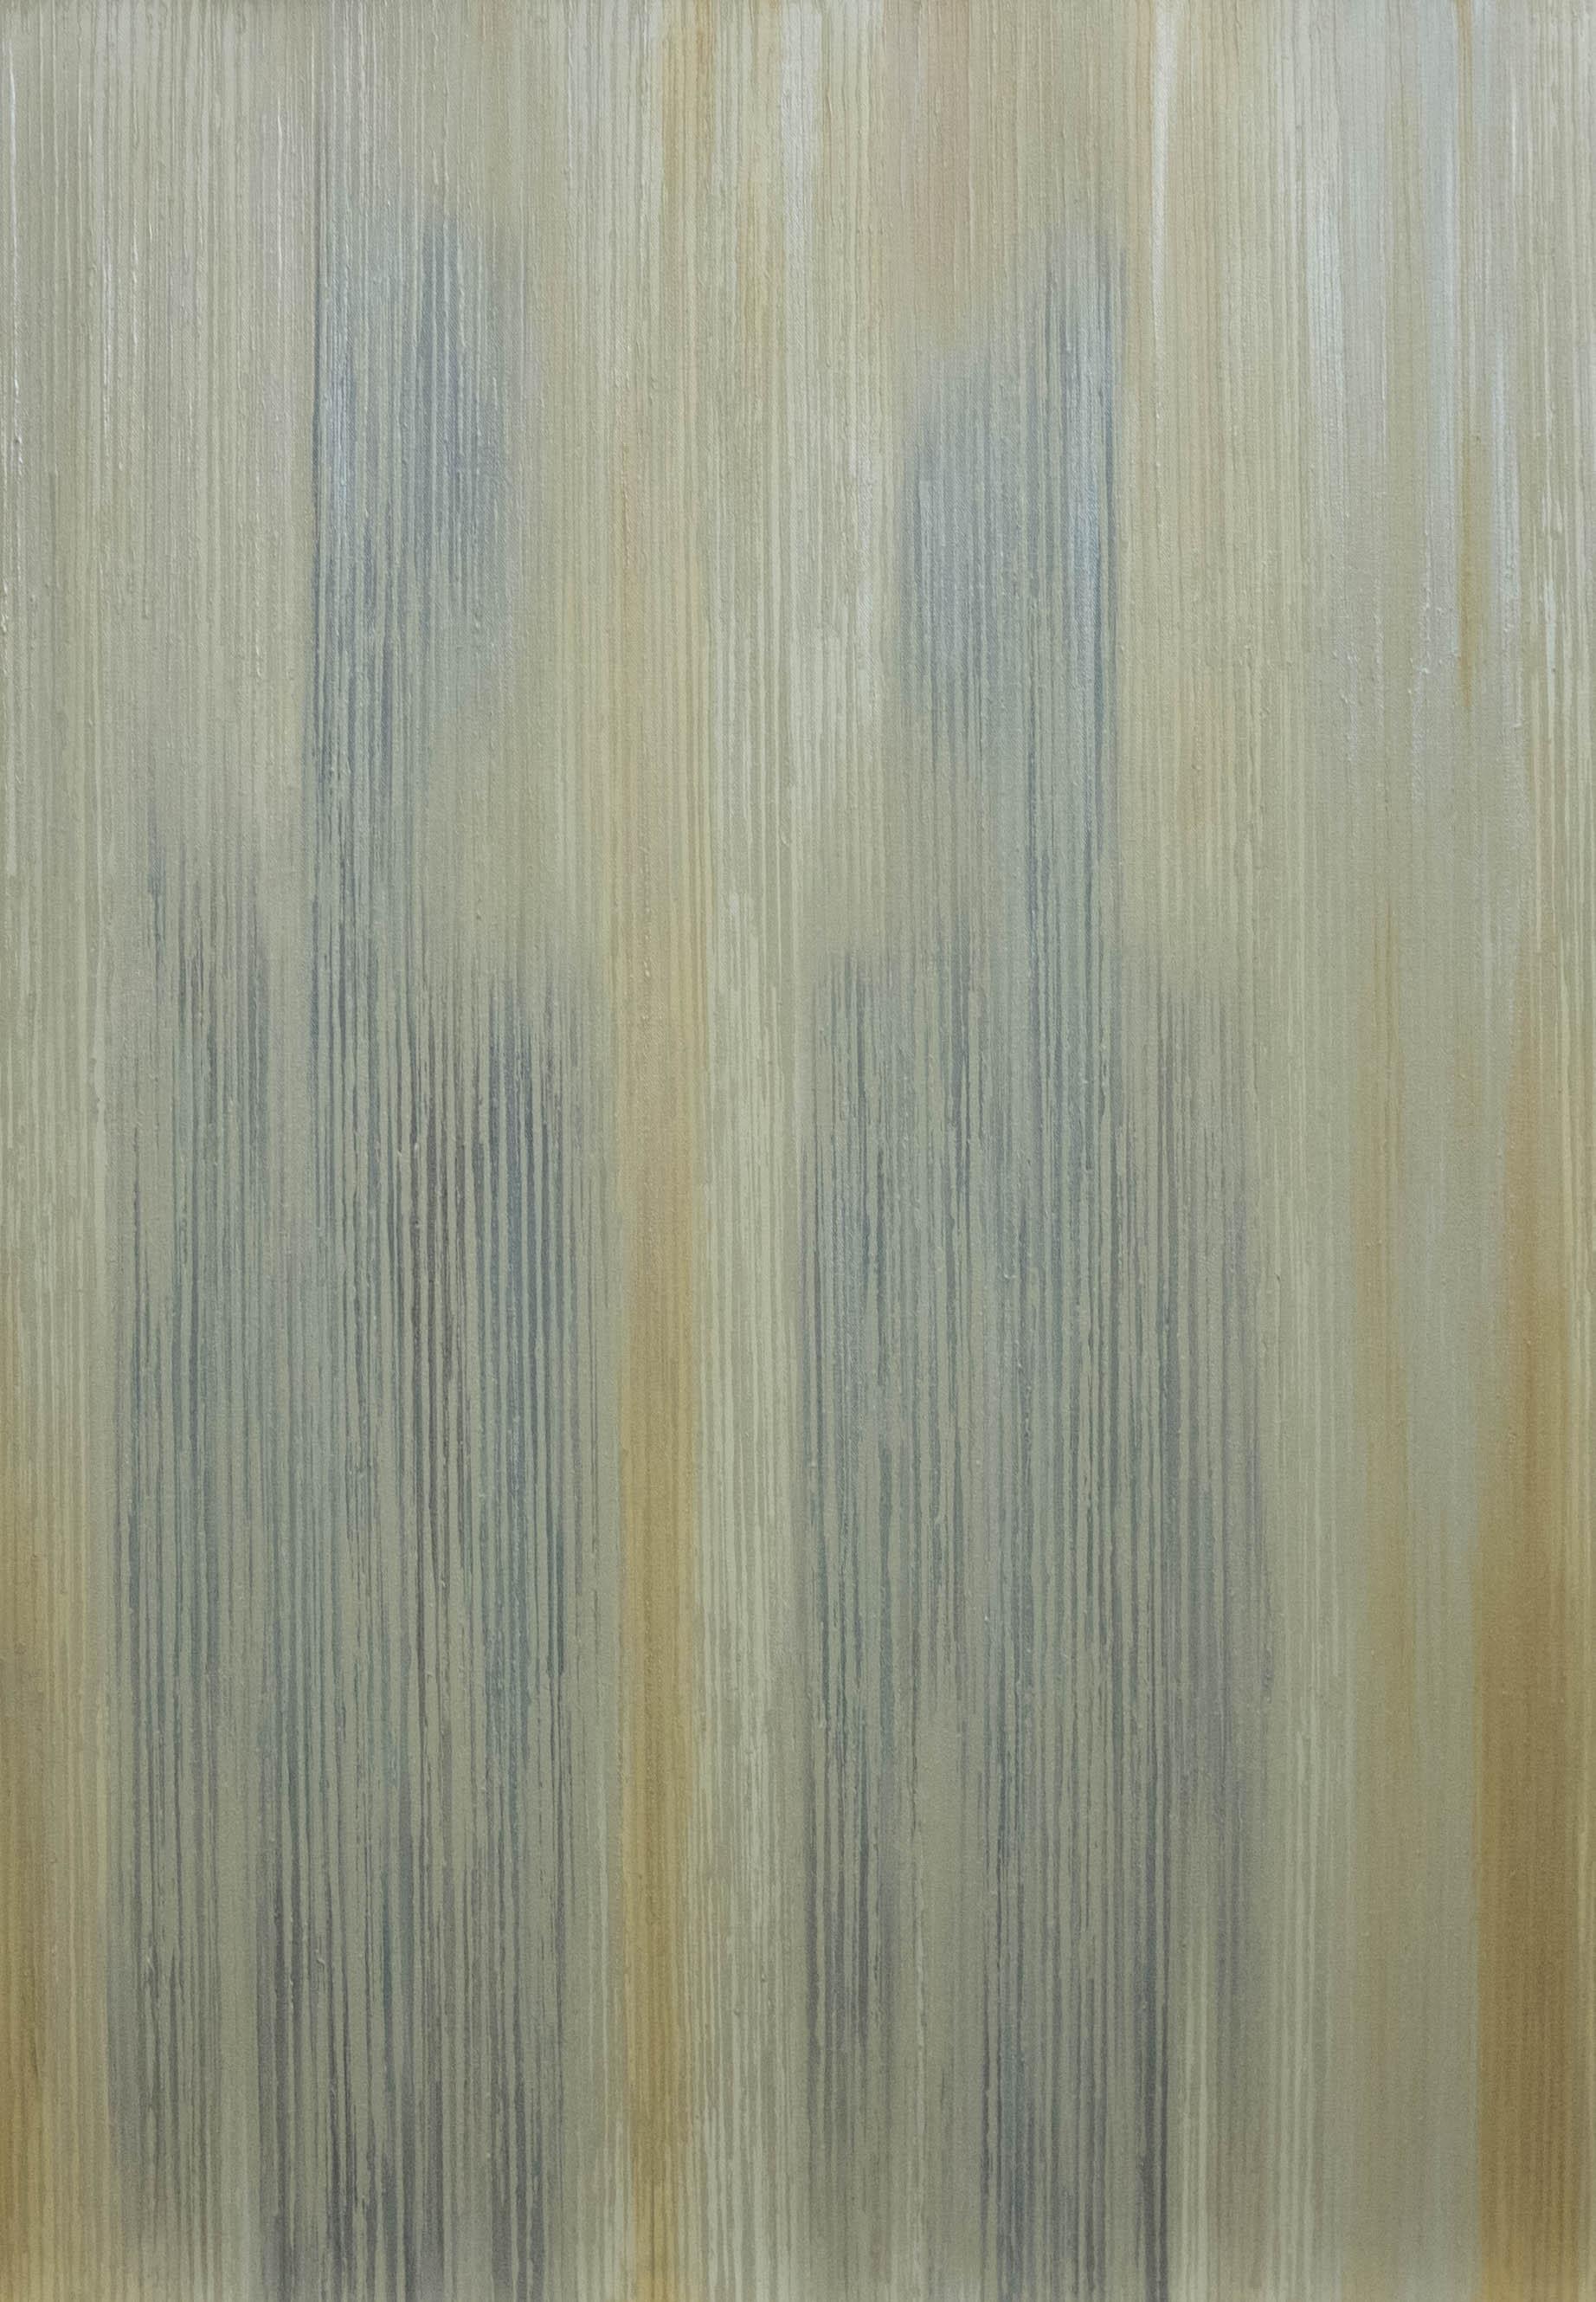 Emergence III - Ivory/Grey -2015